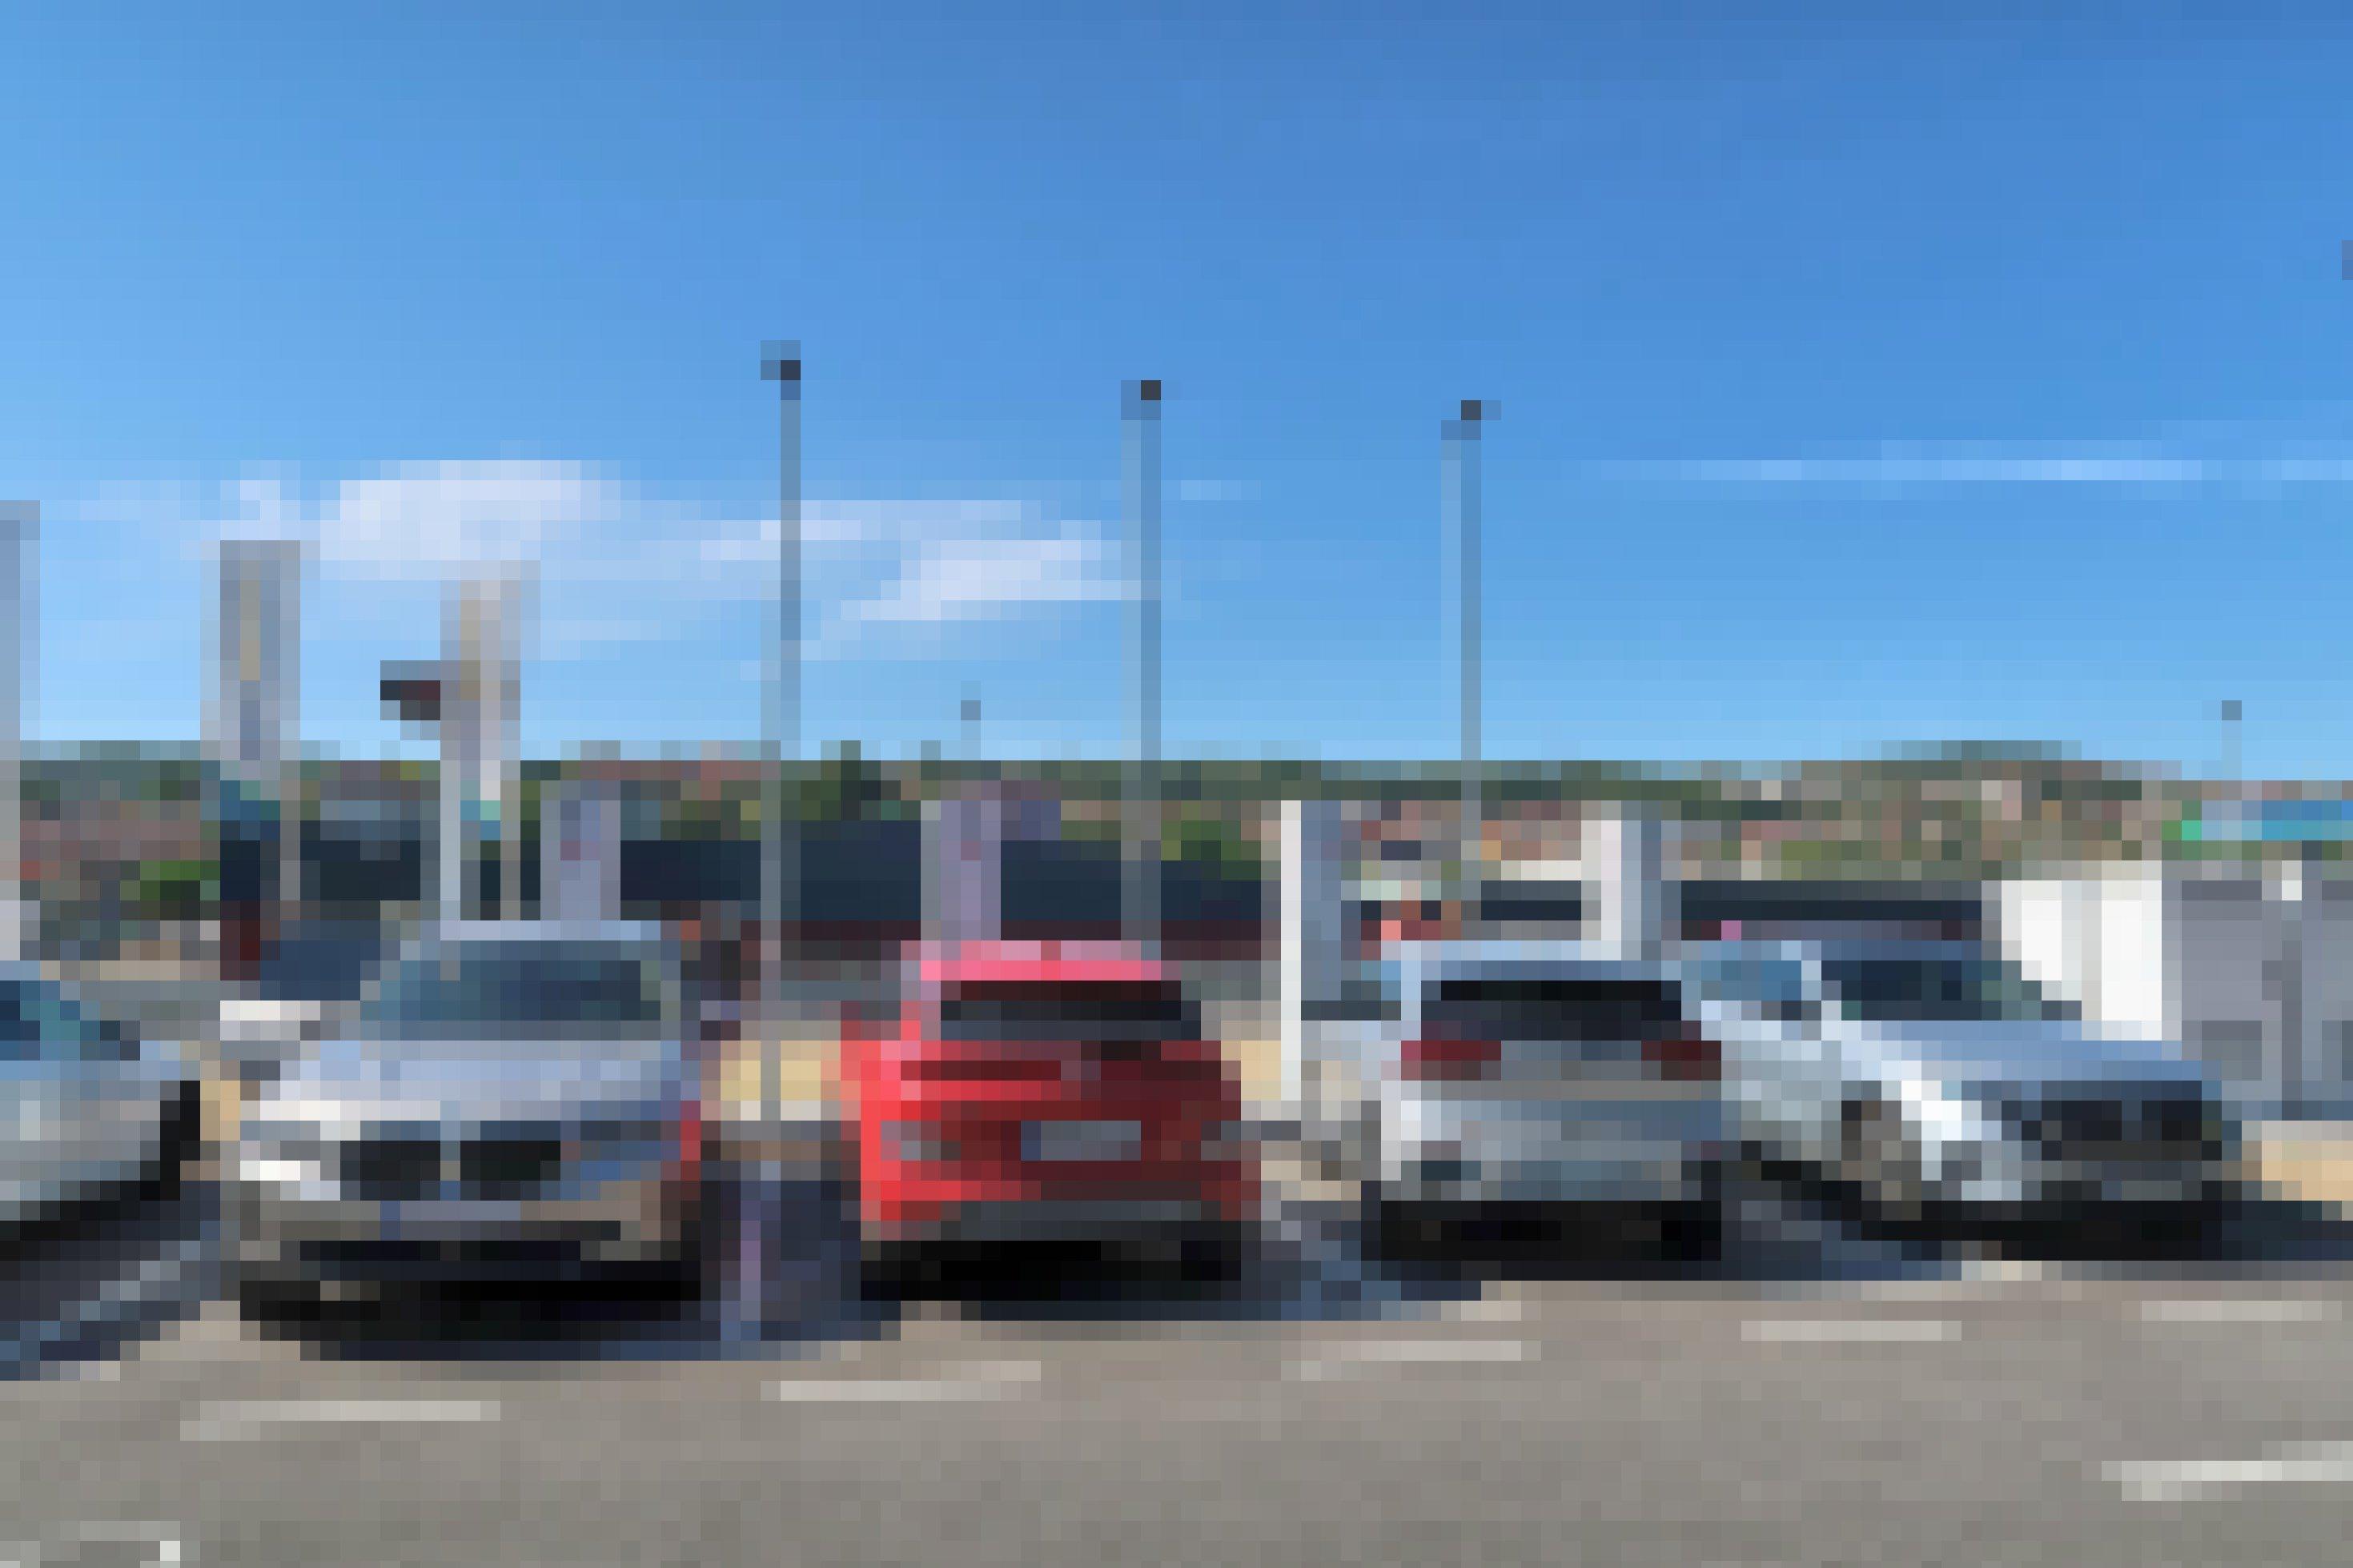 Vier Elektroautos laden nebeneinander Strom auf einem Parkplatz